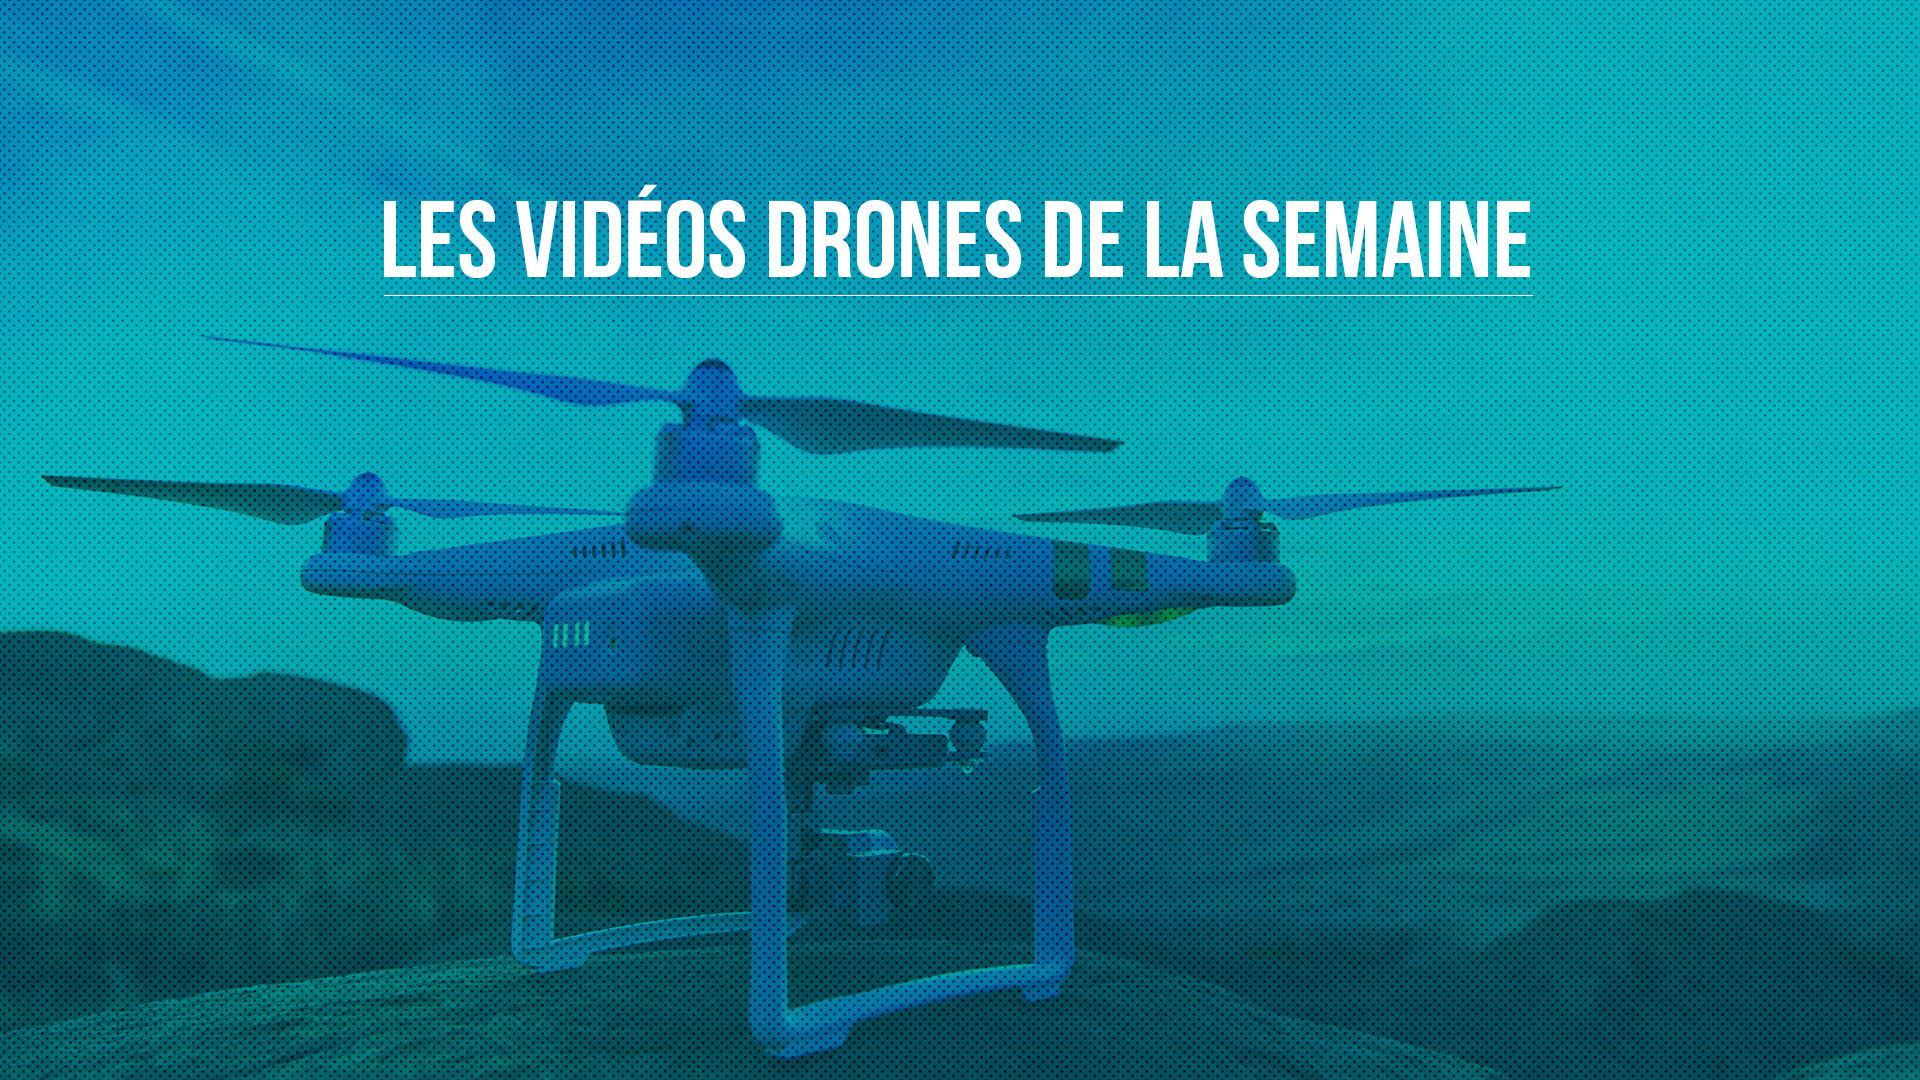 Les vidéos drones de la semaine #4